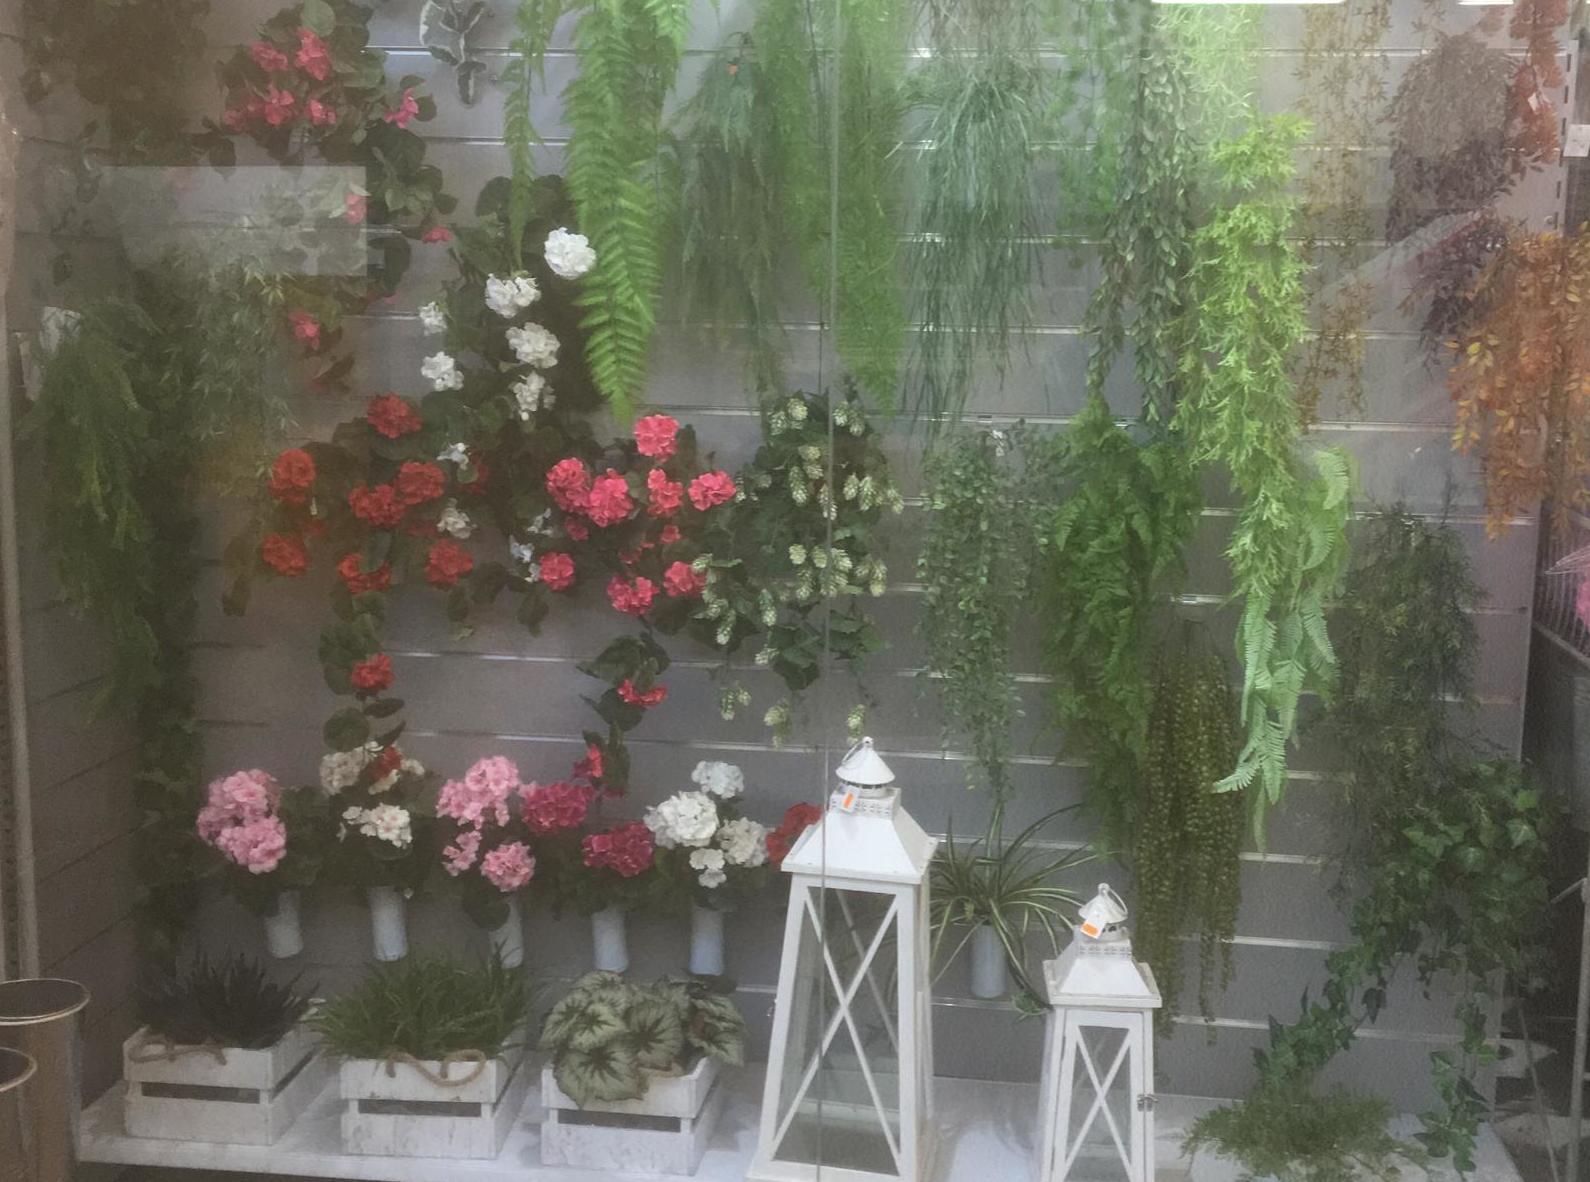 Escaparate del Mercado de la Flor de Vilassar de Mar con plantas colgantes para jardin vertical y faroles decorativos -Fernando Gallego SCP